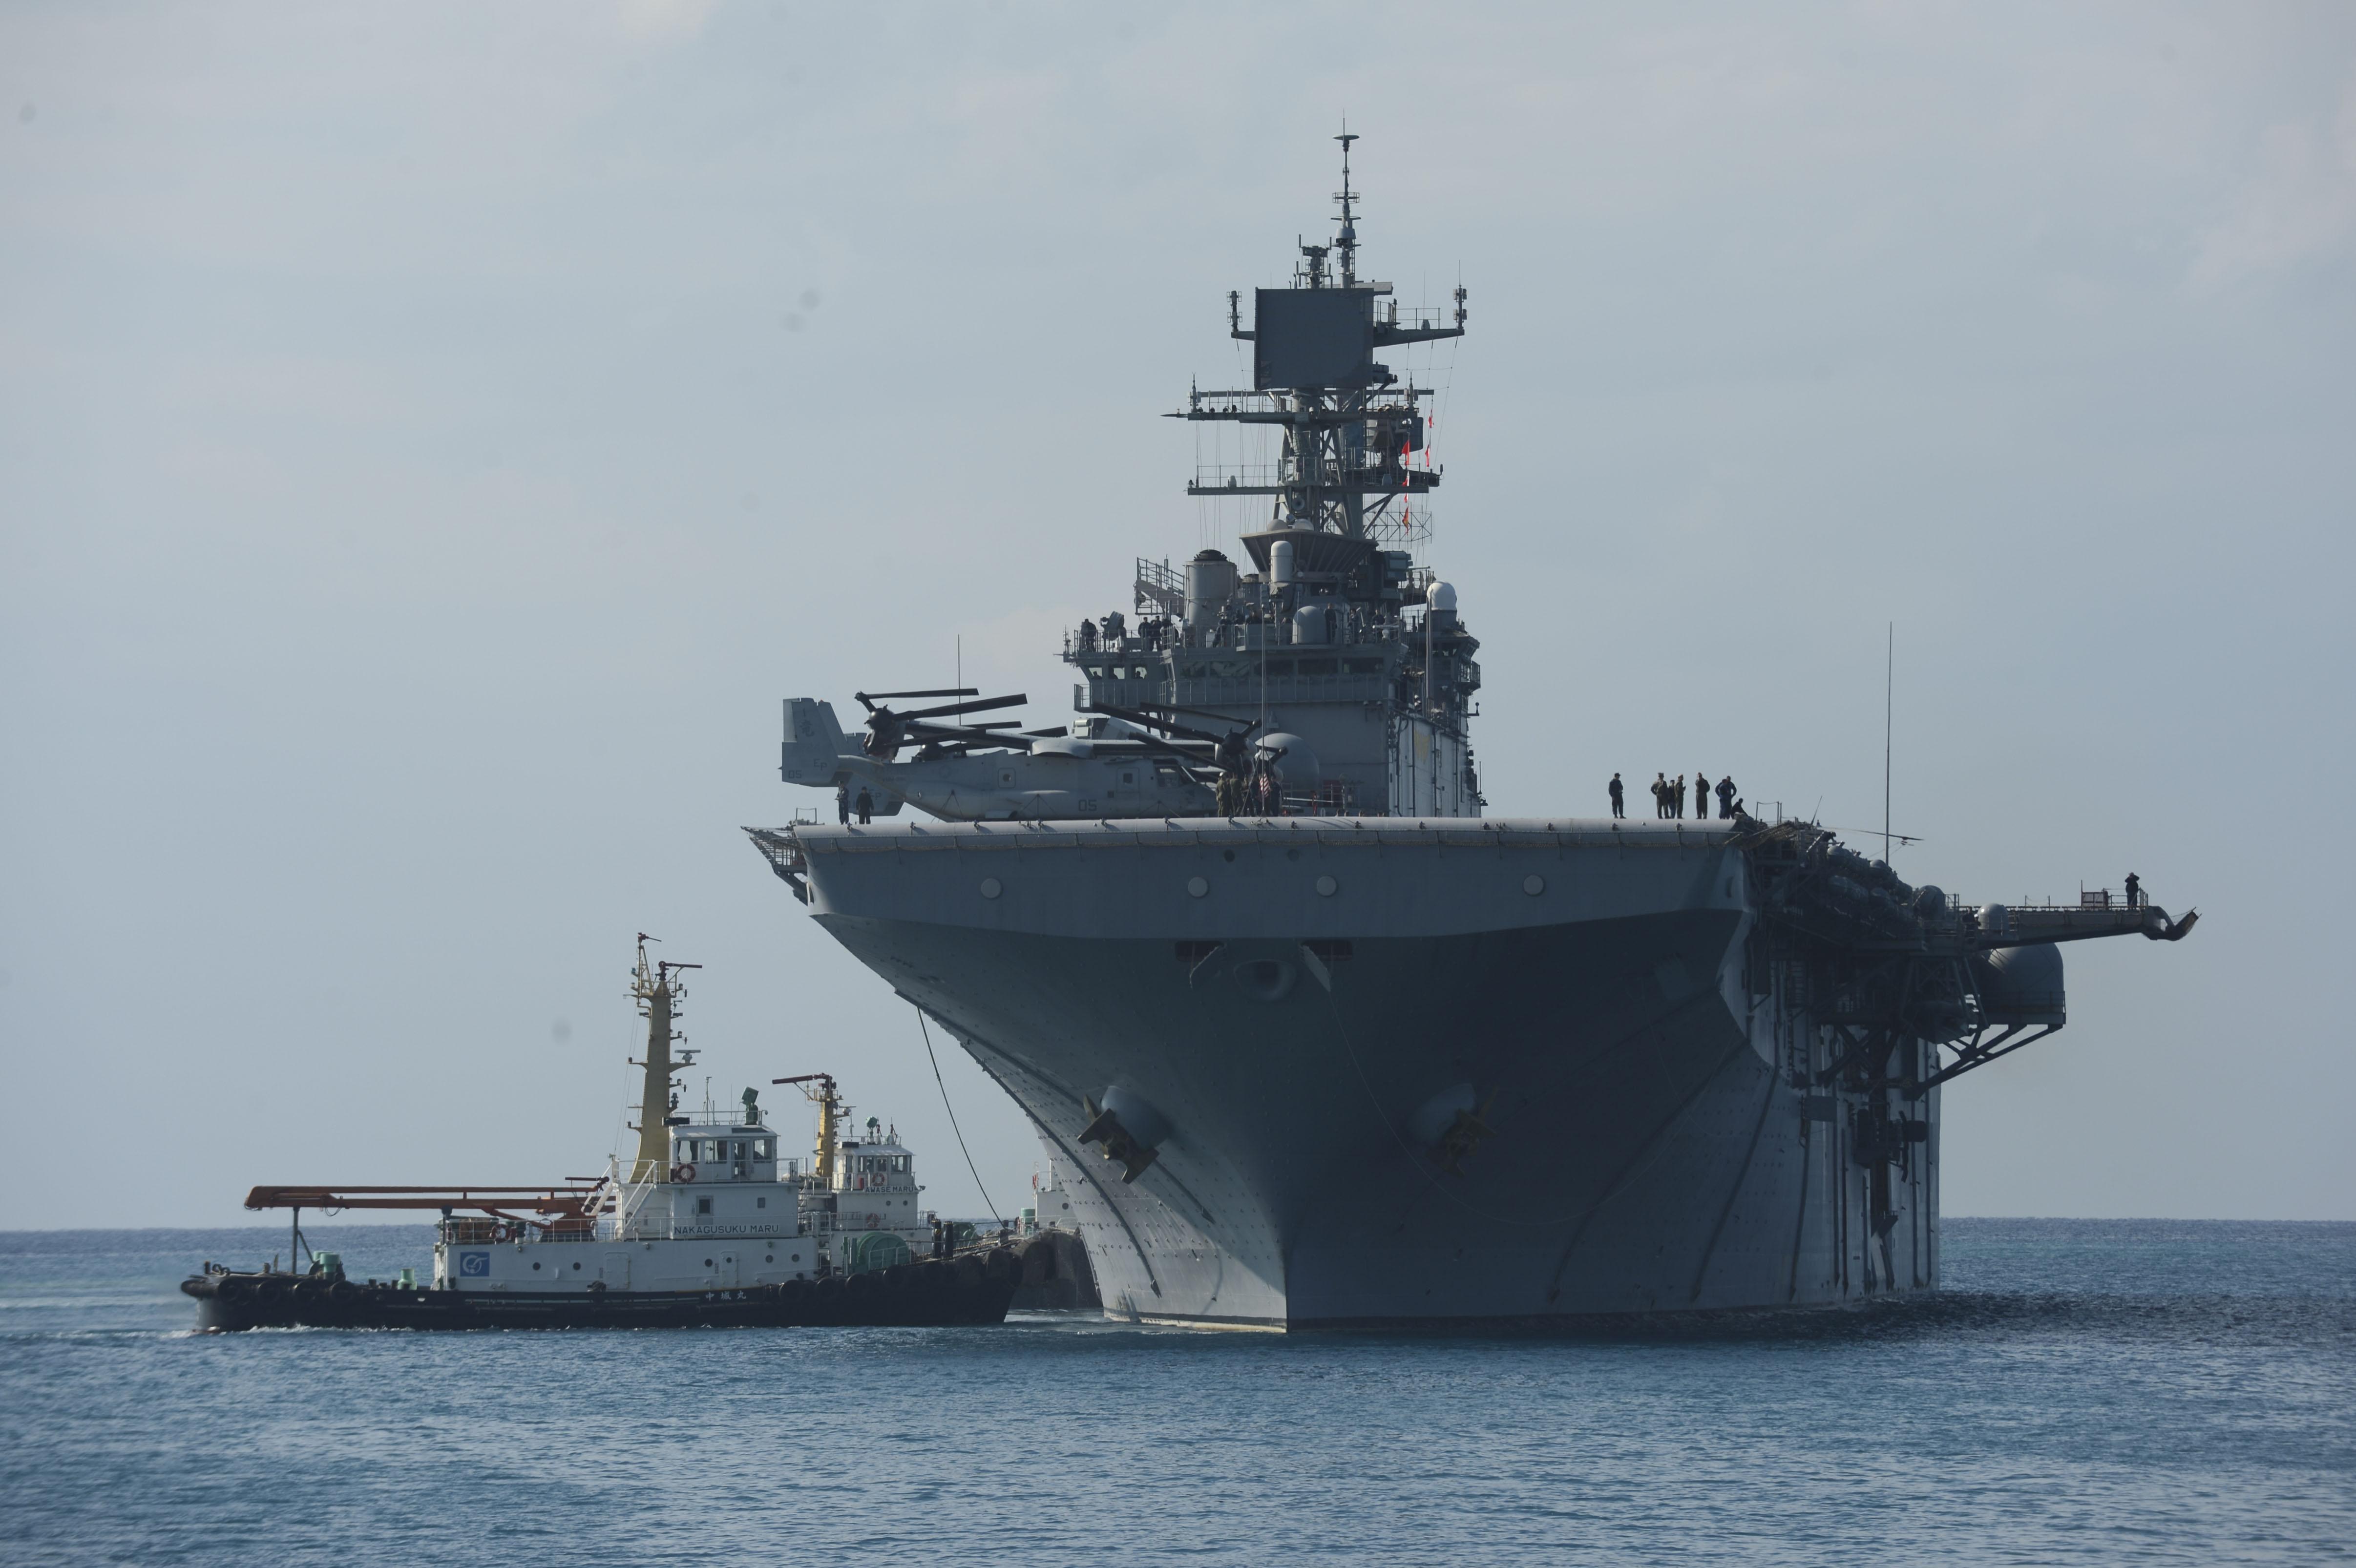 USS BONHOMME RICHARD LHD-6 am 22.02.2014 vor Okinawa